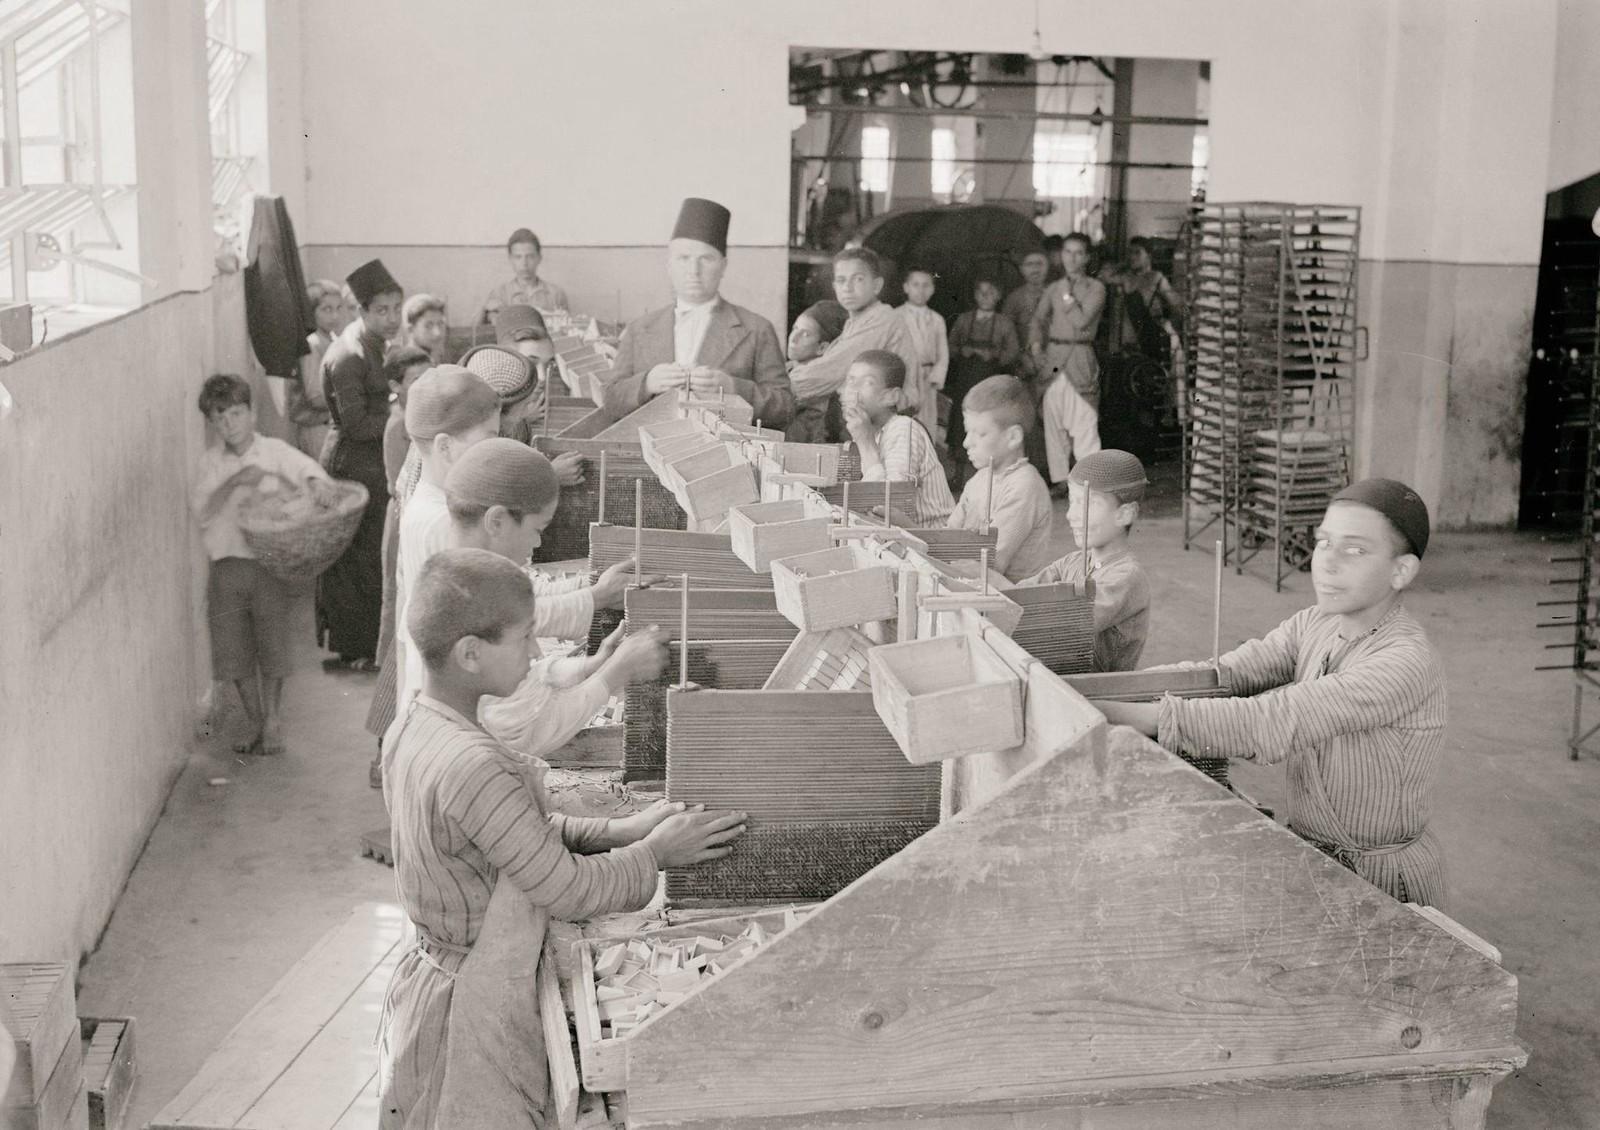 08. 1940. Шхем. Спичечная фабрика. Мальчики работают над спичечными коробками